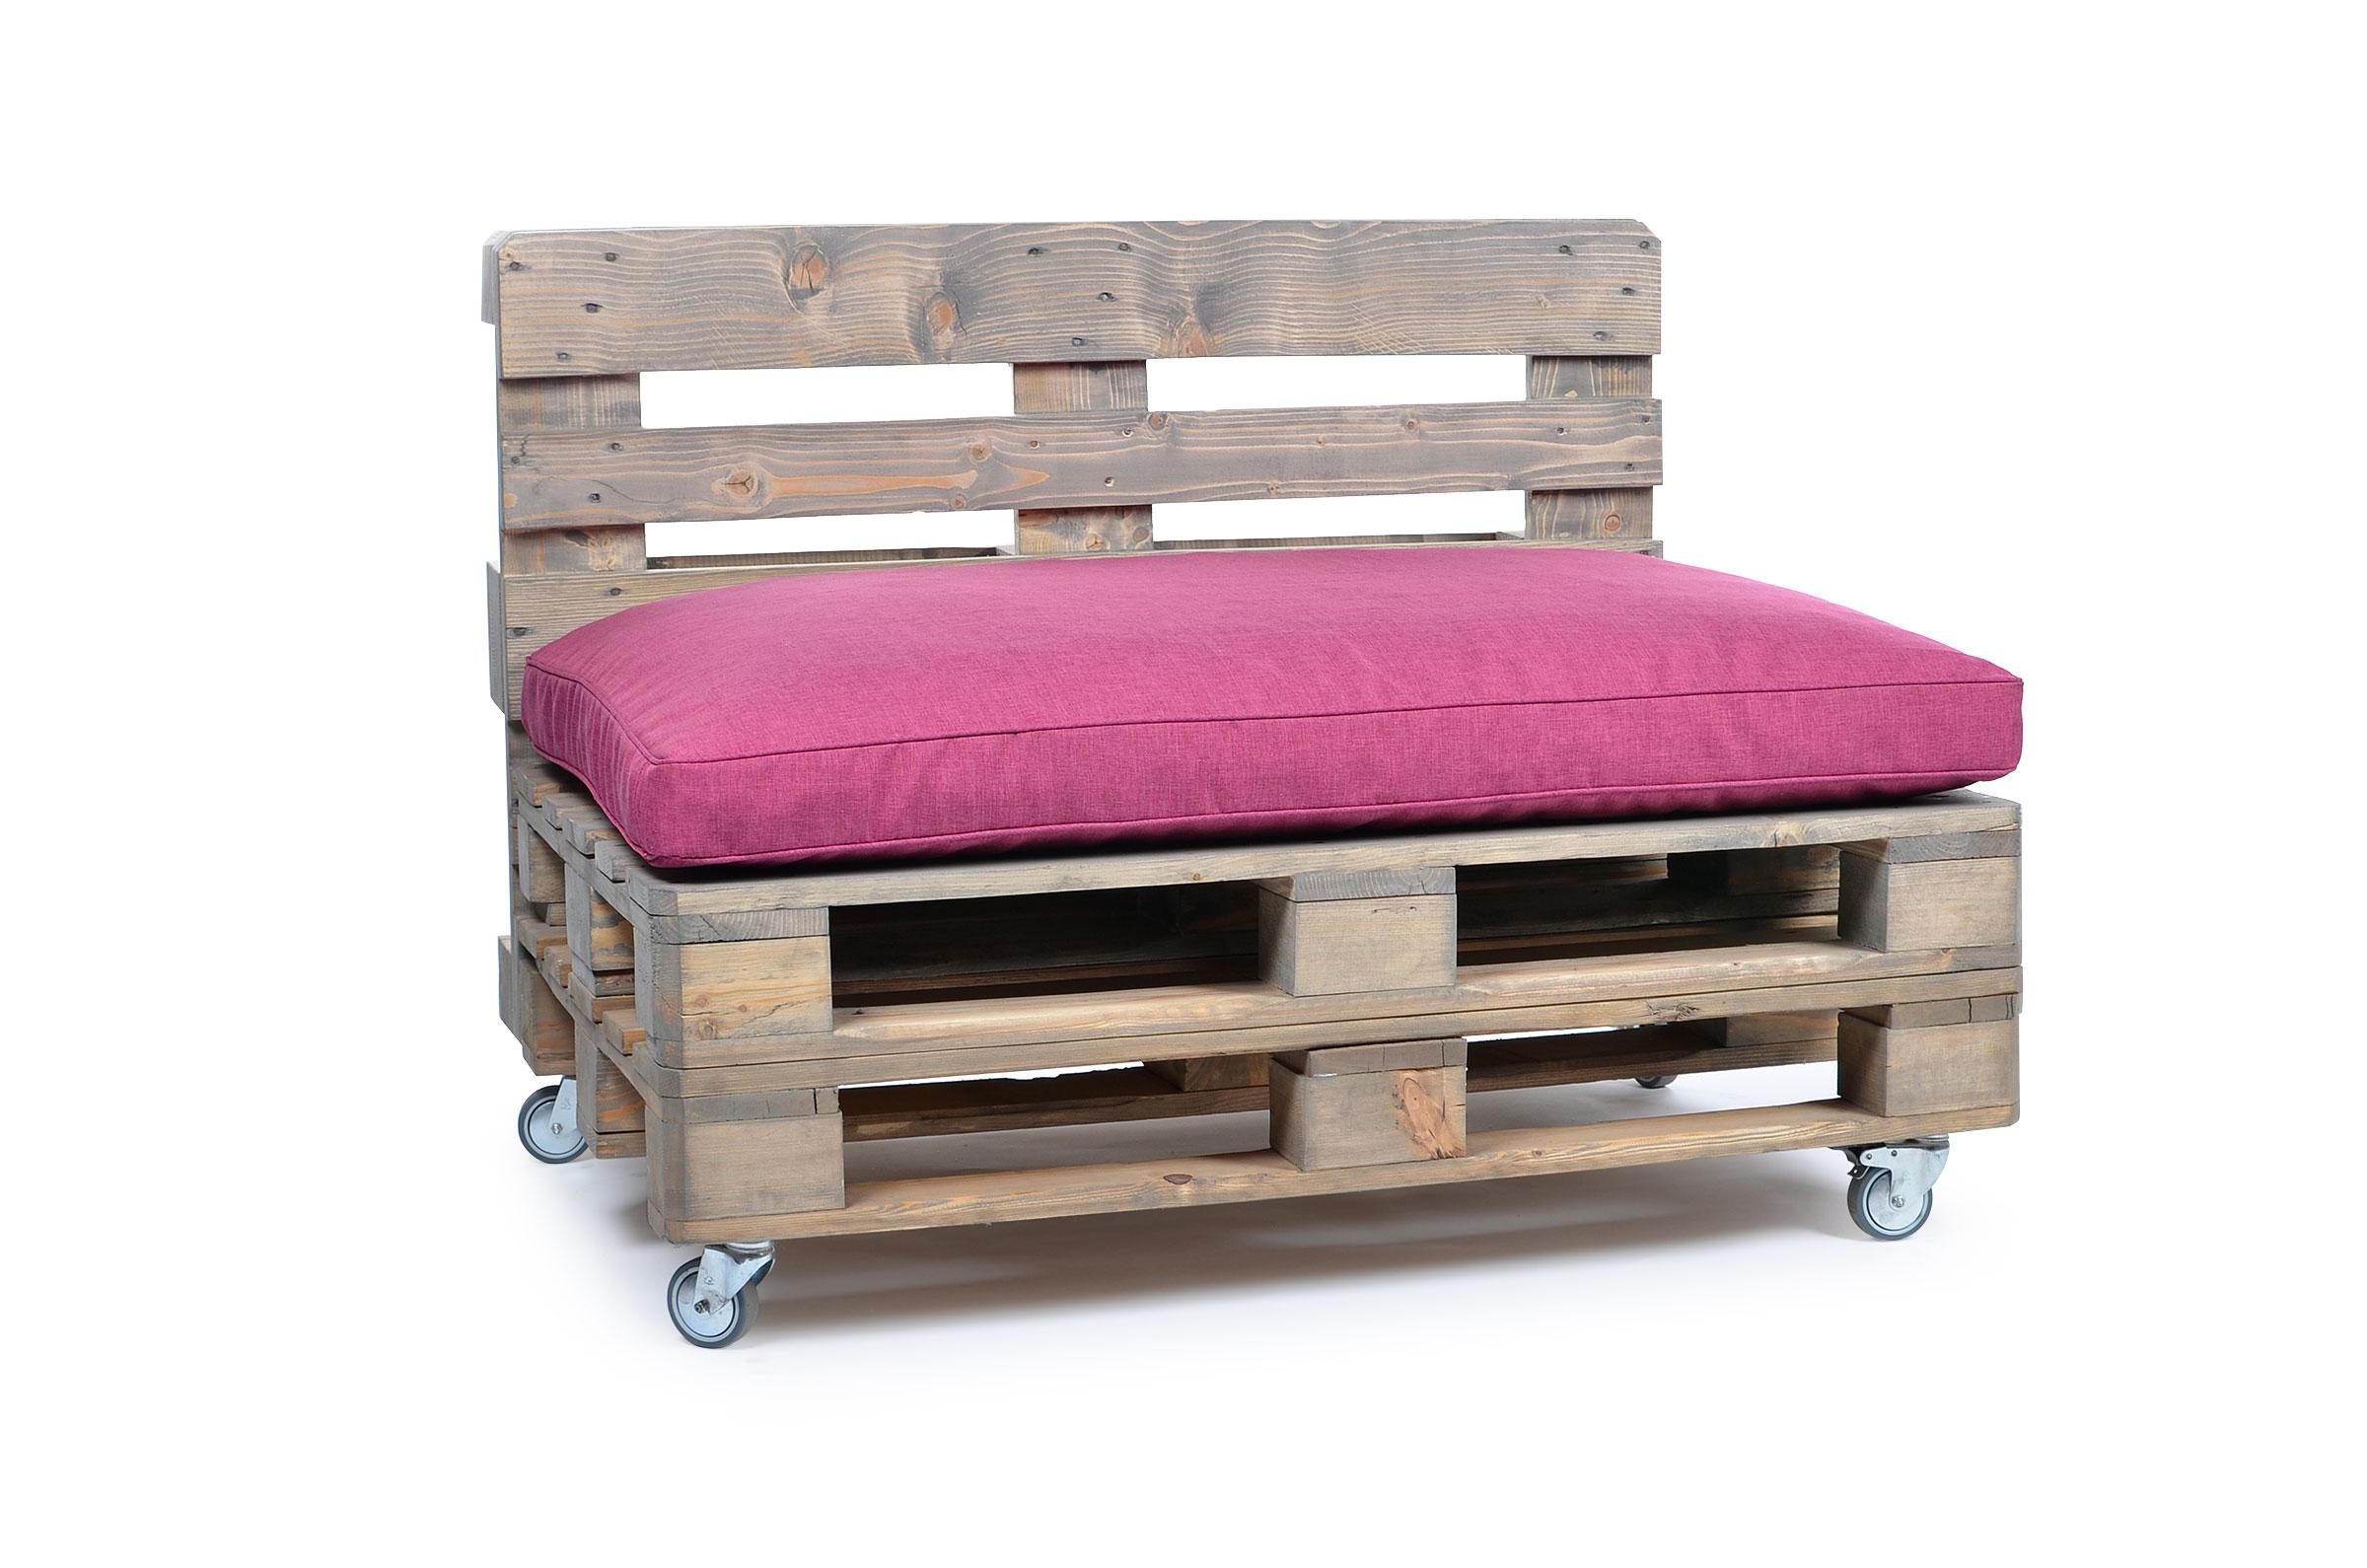 matratzenkissen palettenkissen 8 farben passende. Black Bedroom Furniture Sets. Home Design Ideas